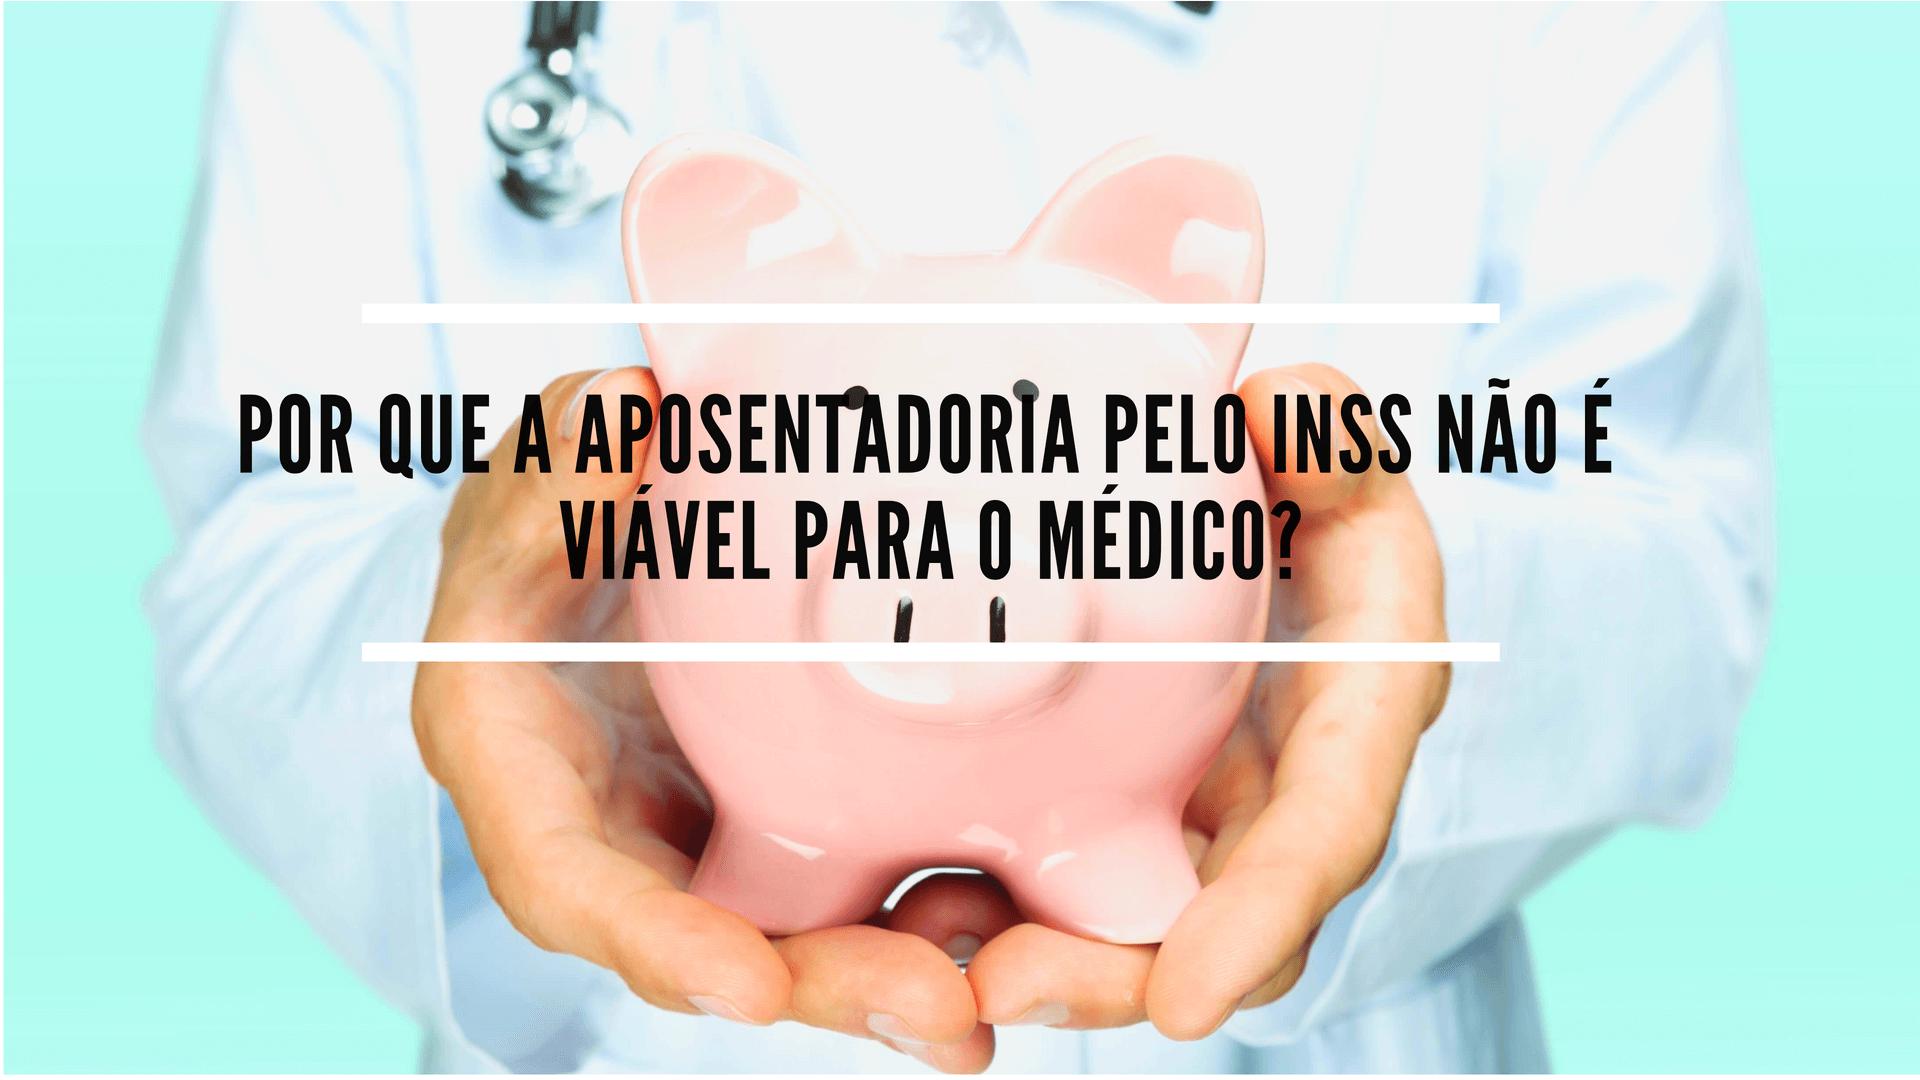 Por que a aposentadoria pelo INSS não é viável para o médico?